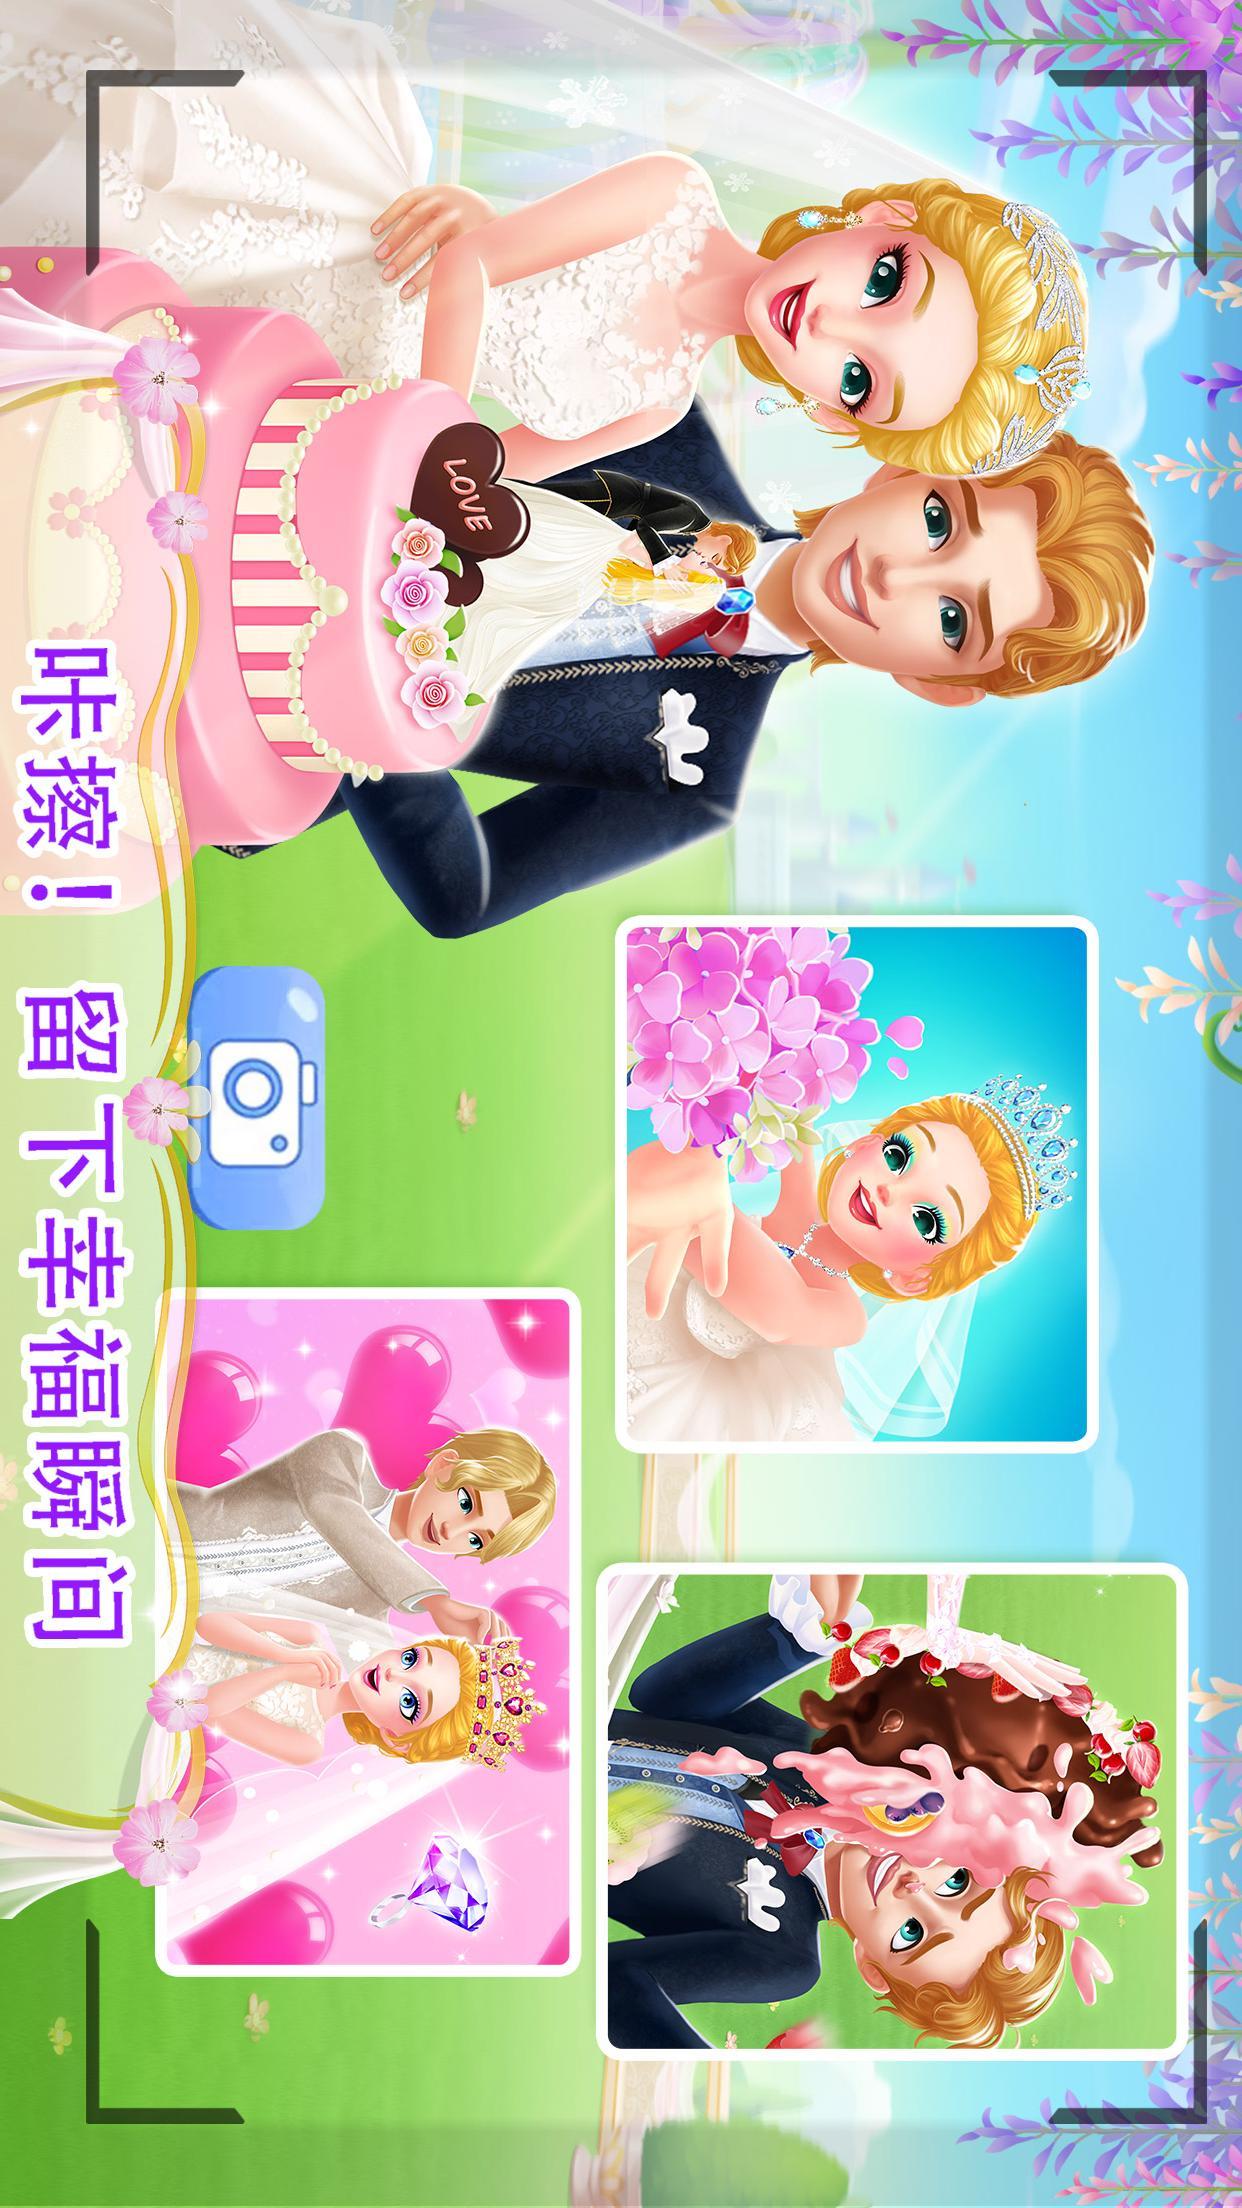 美美公主之梦幻婚礼截图(4)